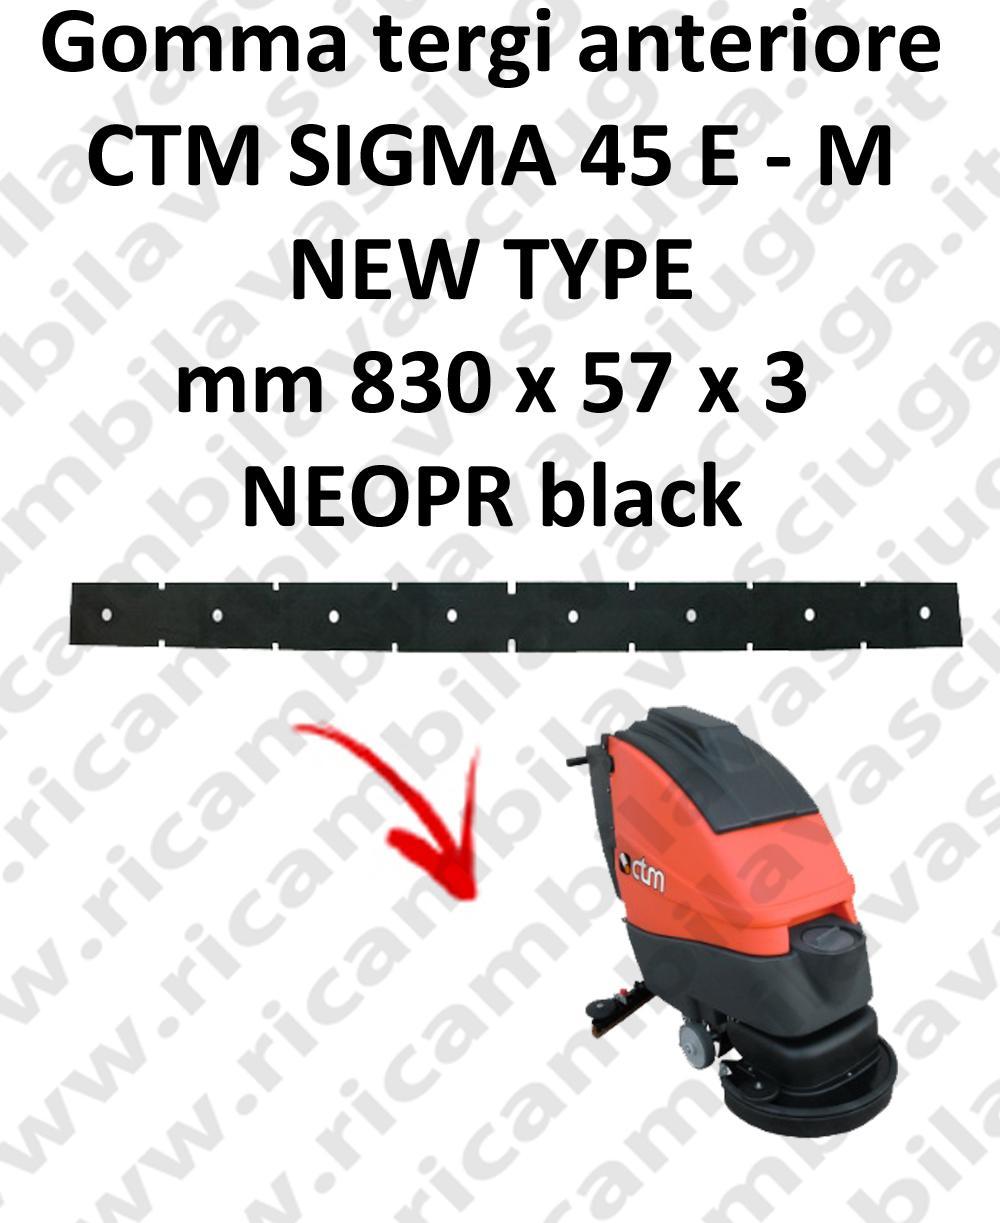 SIGMA 45 E/M new type | GOMMA TERGI anteriore per lavapavimenti CTM